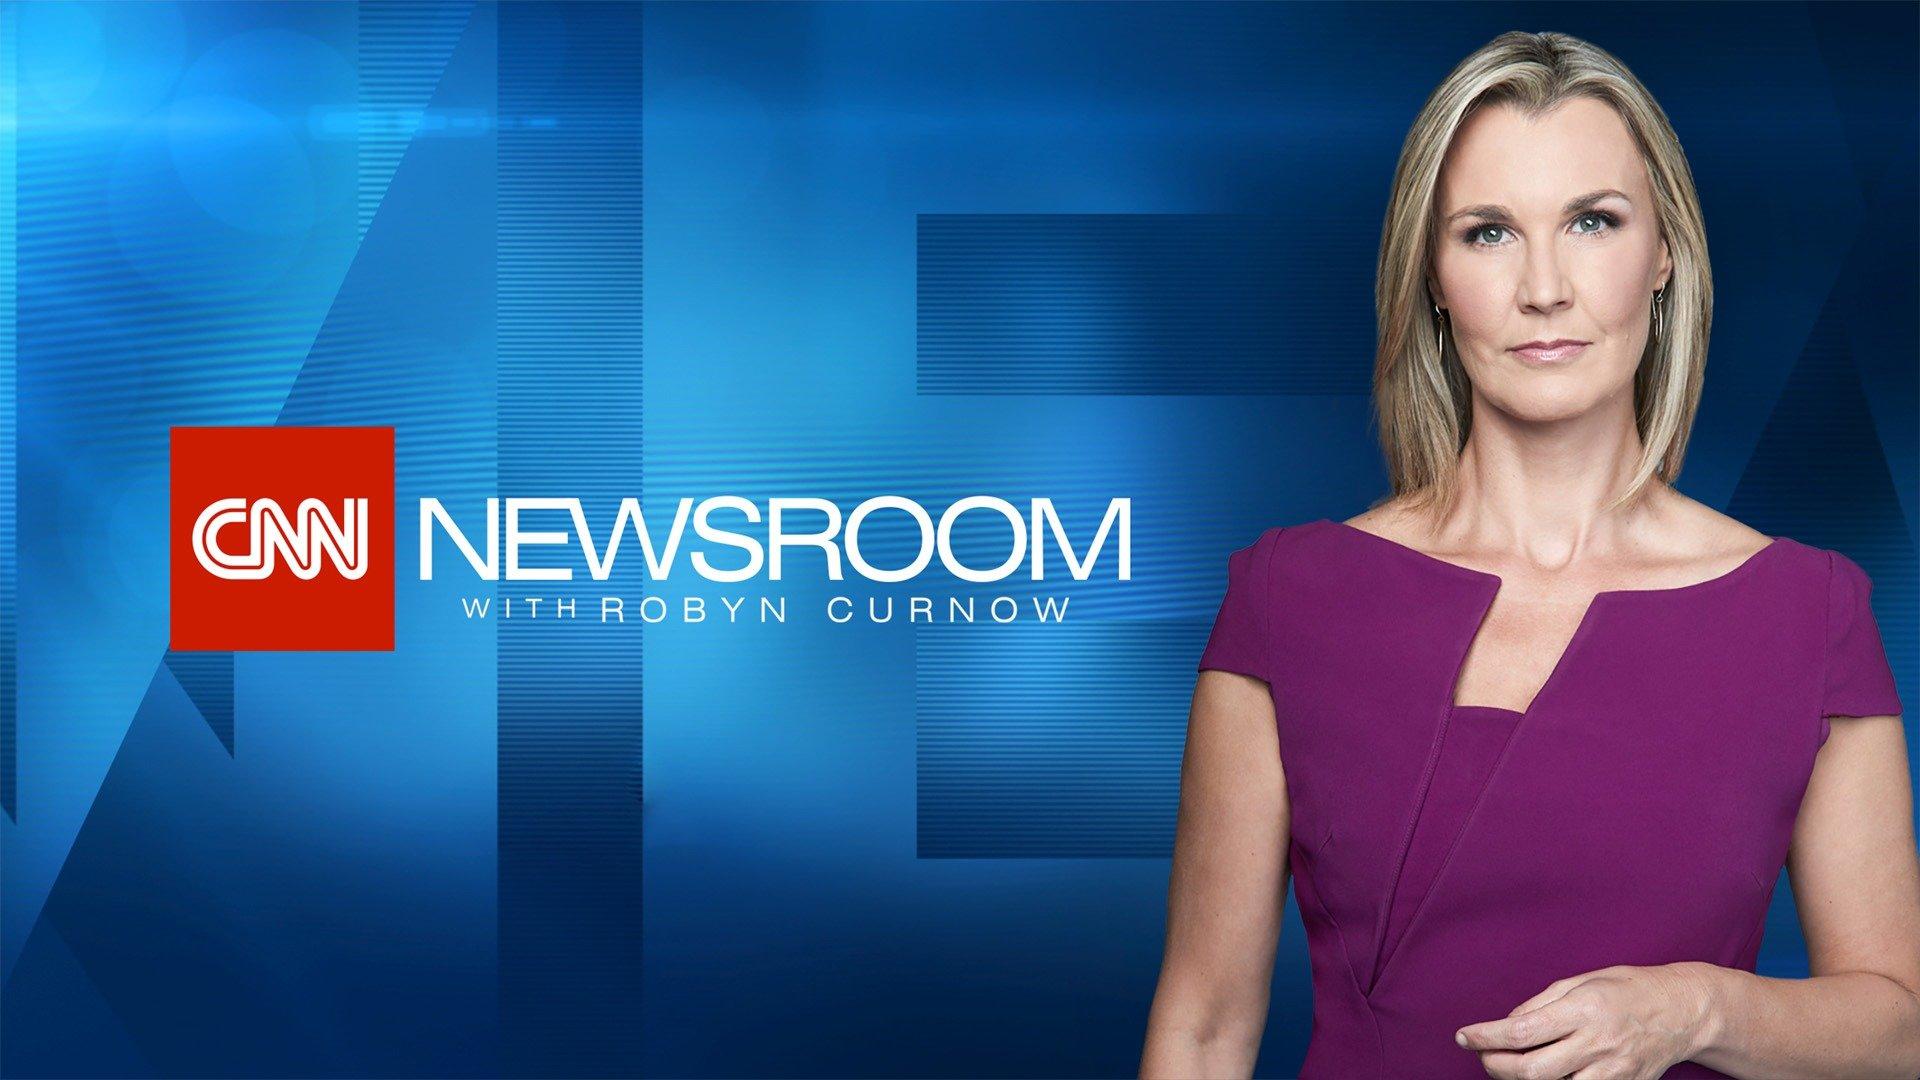 CNN Newsroom with Robyn Curnow